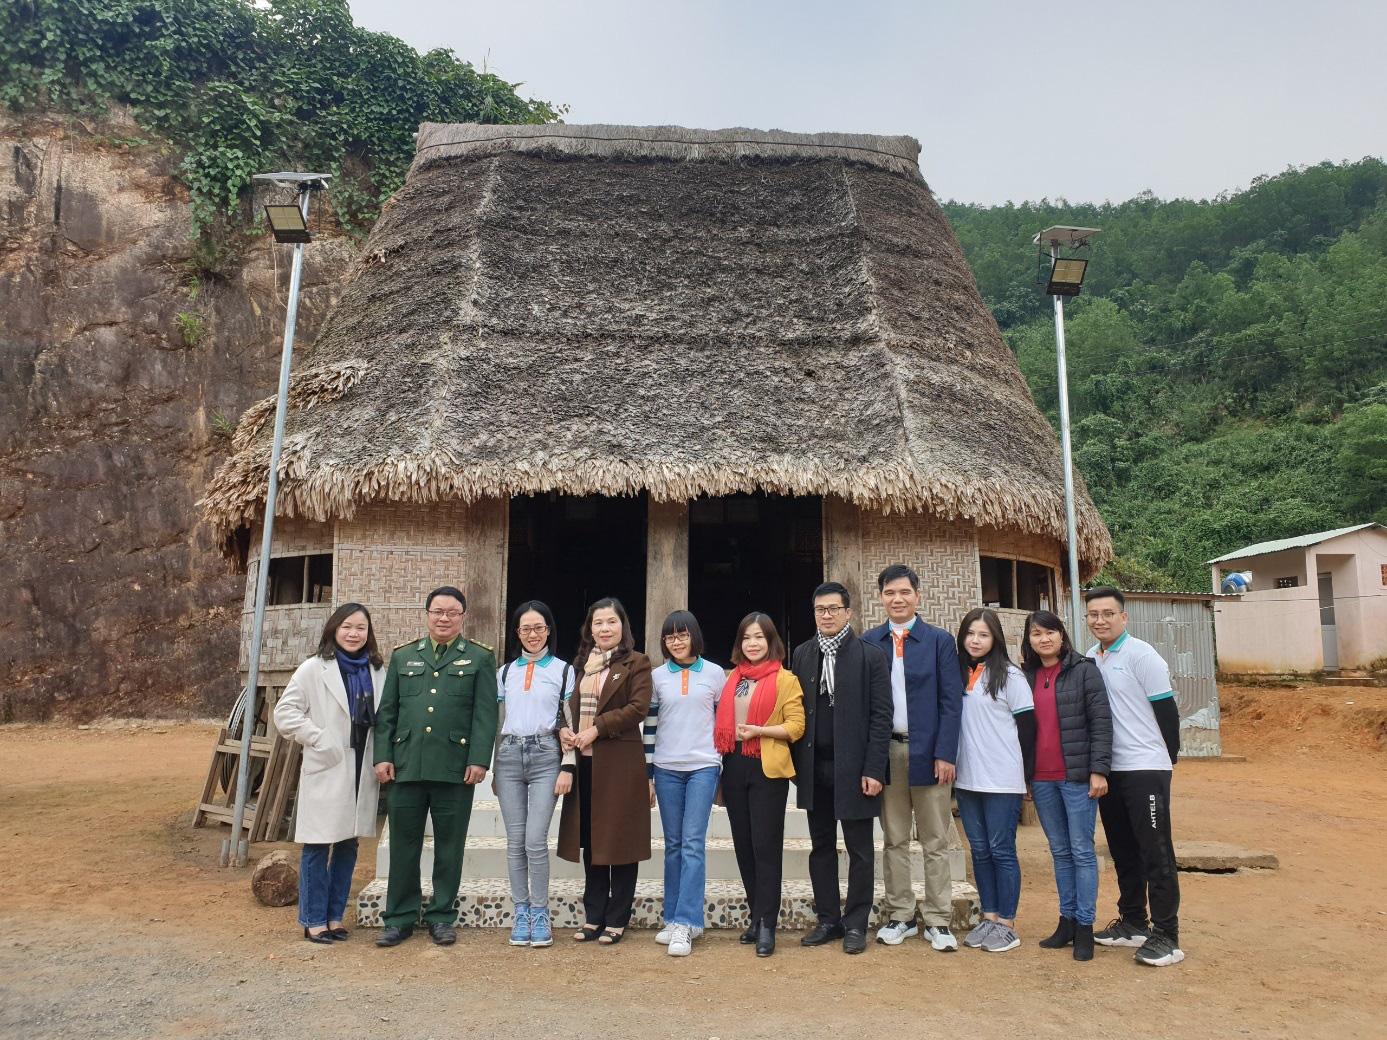 Trung tâm Truyền thông TN&MT, Bộ TN&MT thực hiện chương trình trồng cây góp quỹ một tỷ cây xanh cho Việt Nam - Ảnh 4.